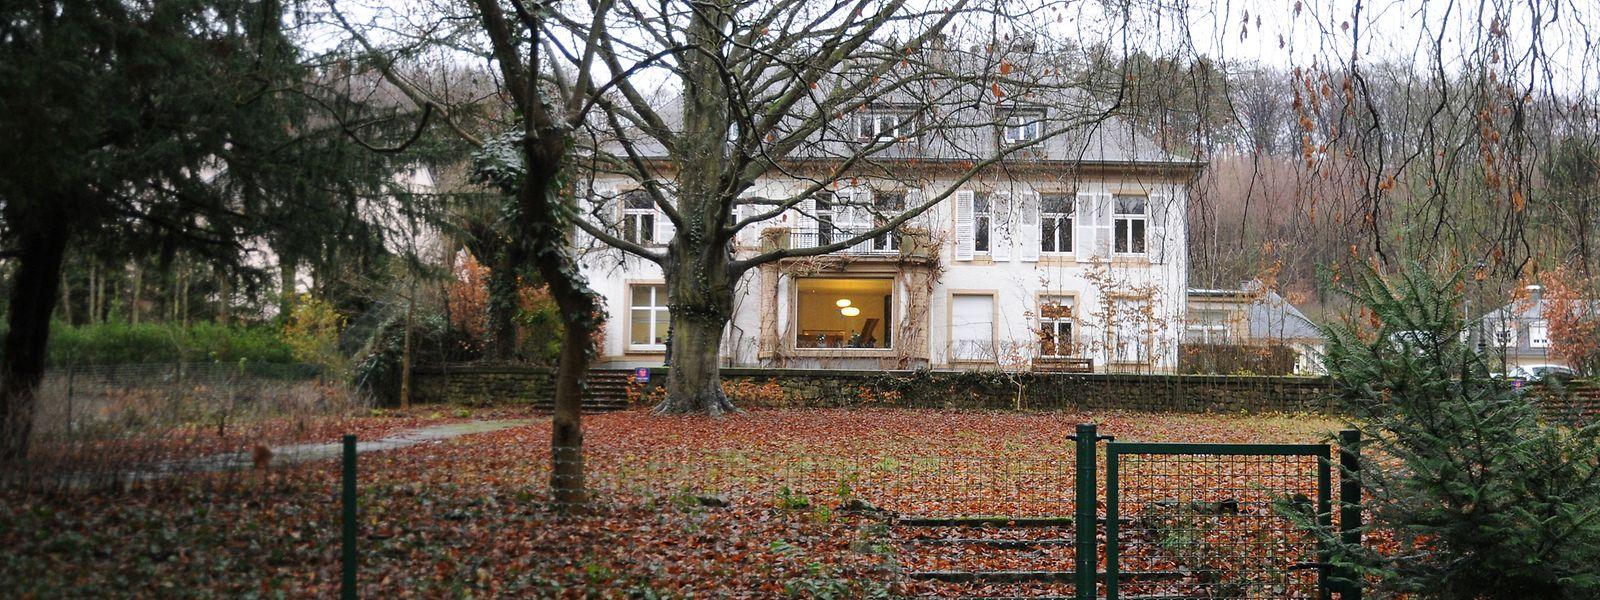 Am 13. Dezember 2012 kommt es in dem Gebäude einer Treuhandgesellschaft in Luxemburg-Mühlenbach zu einem Raubüberfall mit Geiselnahme. Die Täter hatten bereits am Vortag einen Geschäftsmann in seiner Wohnung überfallen.